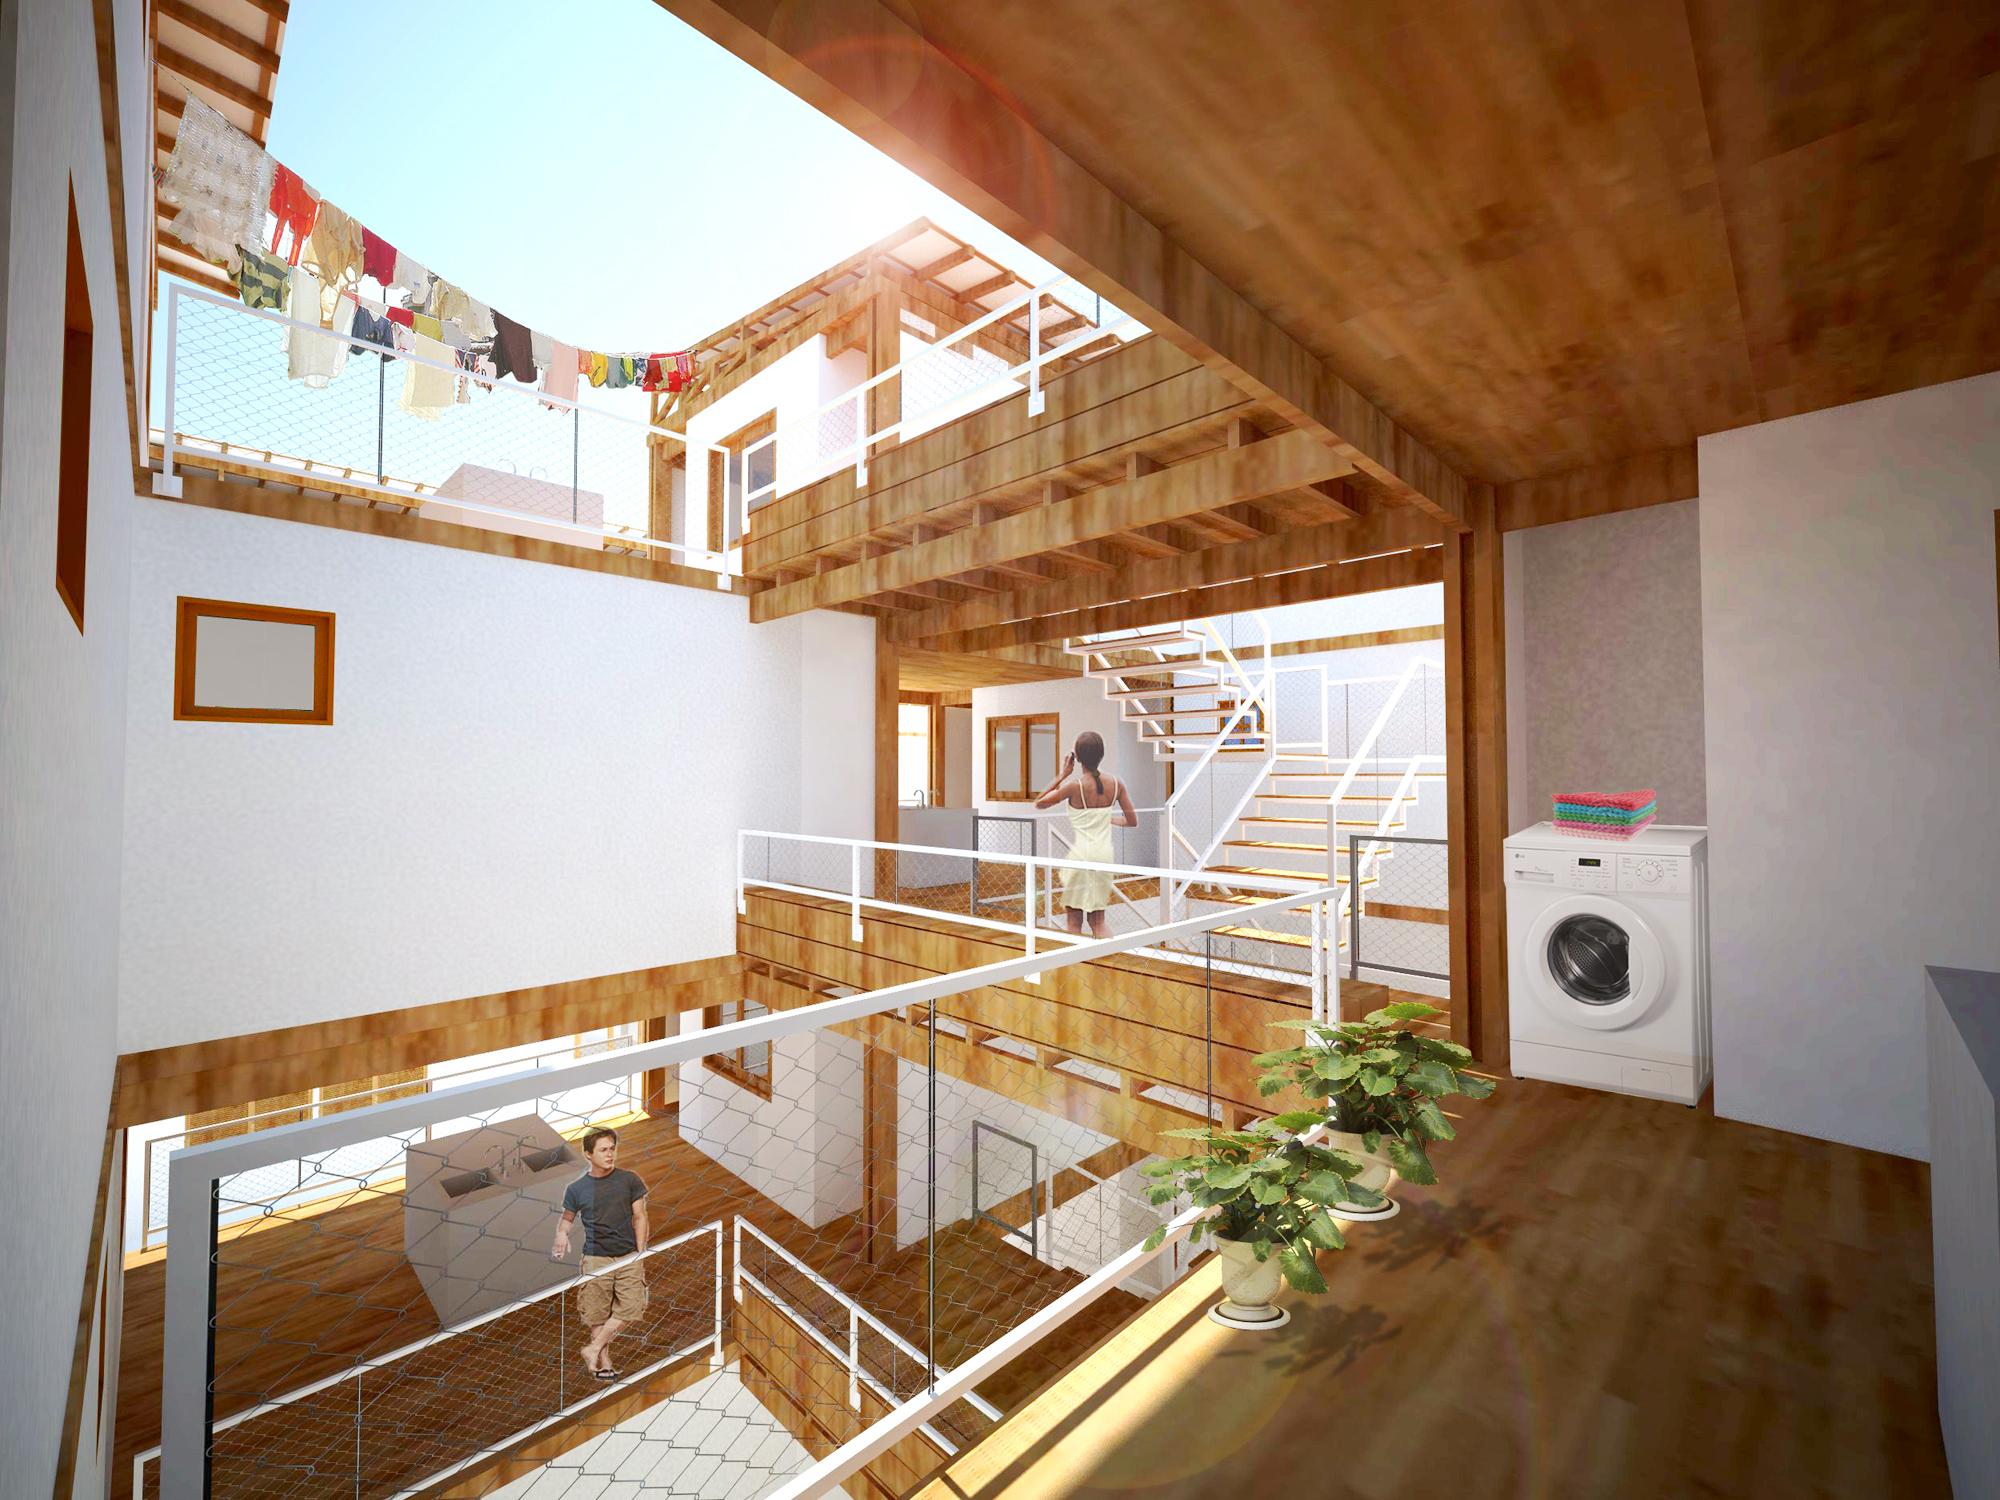 Viver Entre pátios. Habitação social